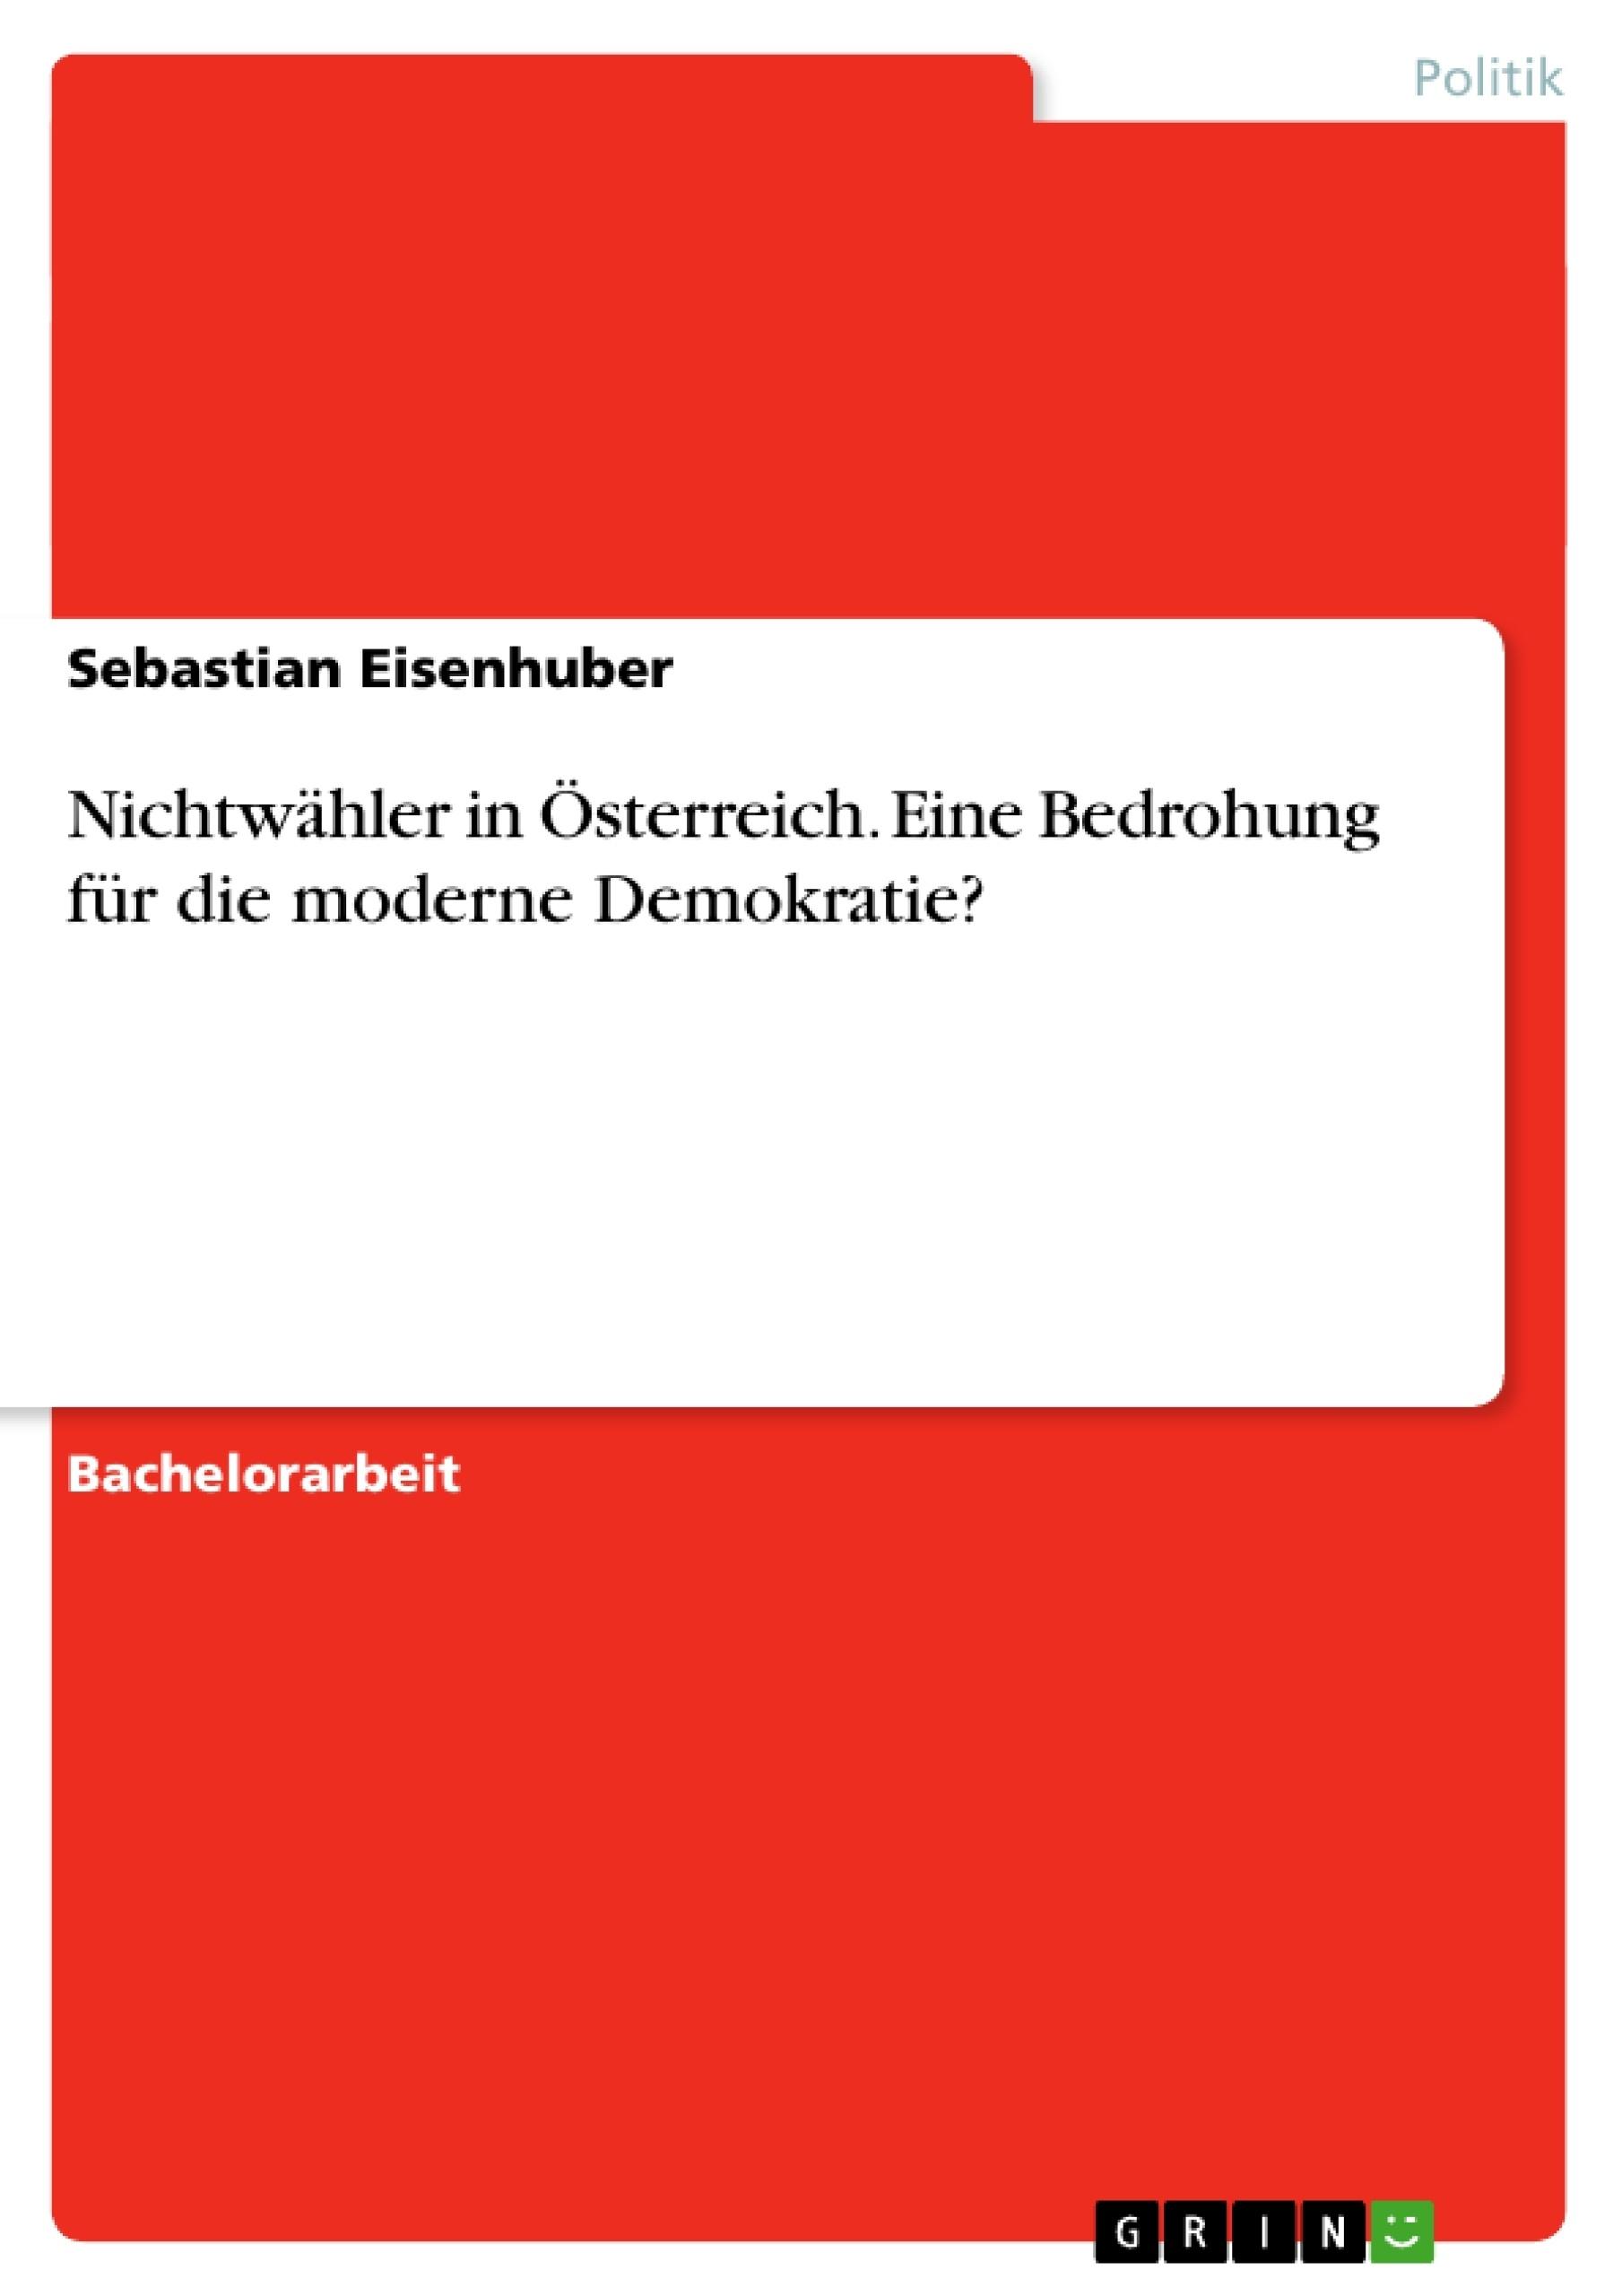 Titel: Nichtwähler in Österreich. Eine Bedrohung für die moderne Demokratie?